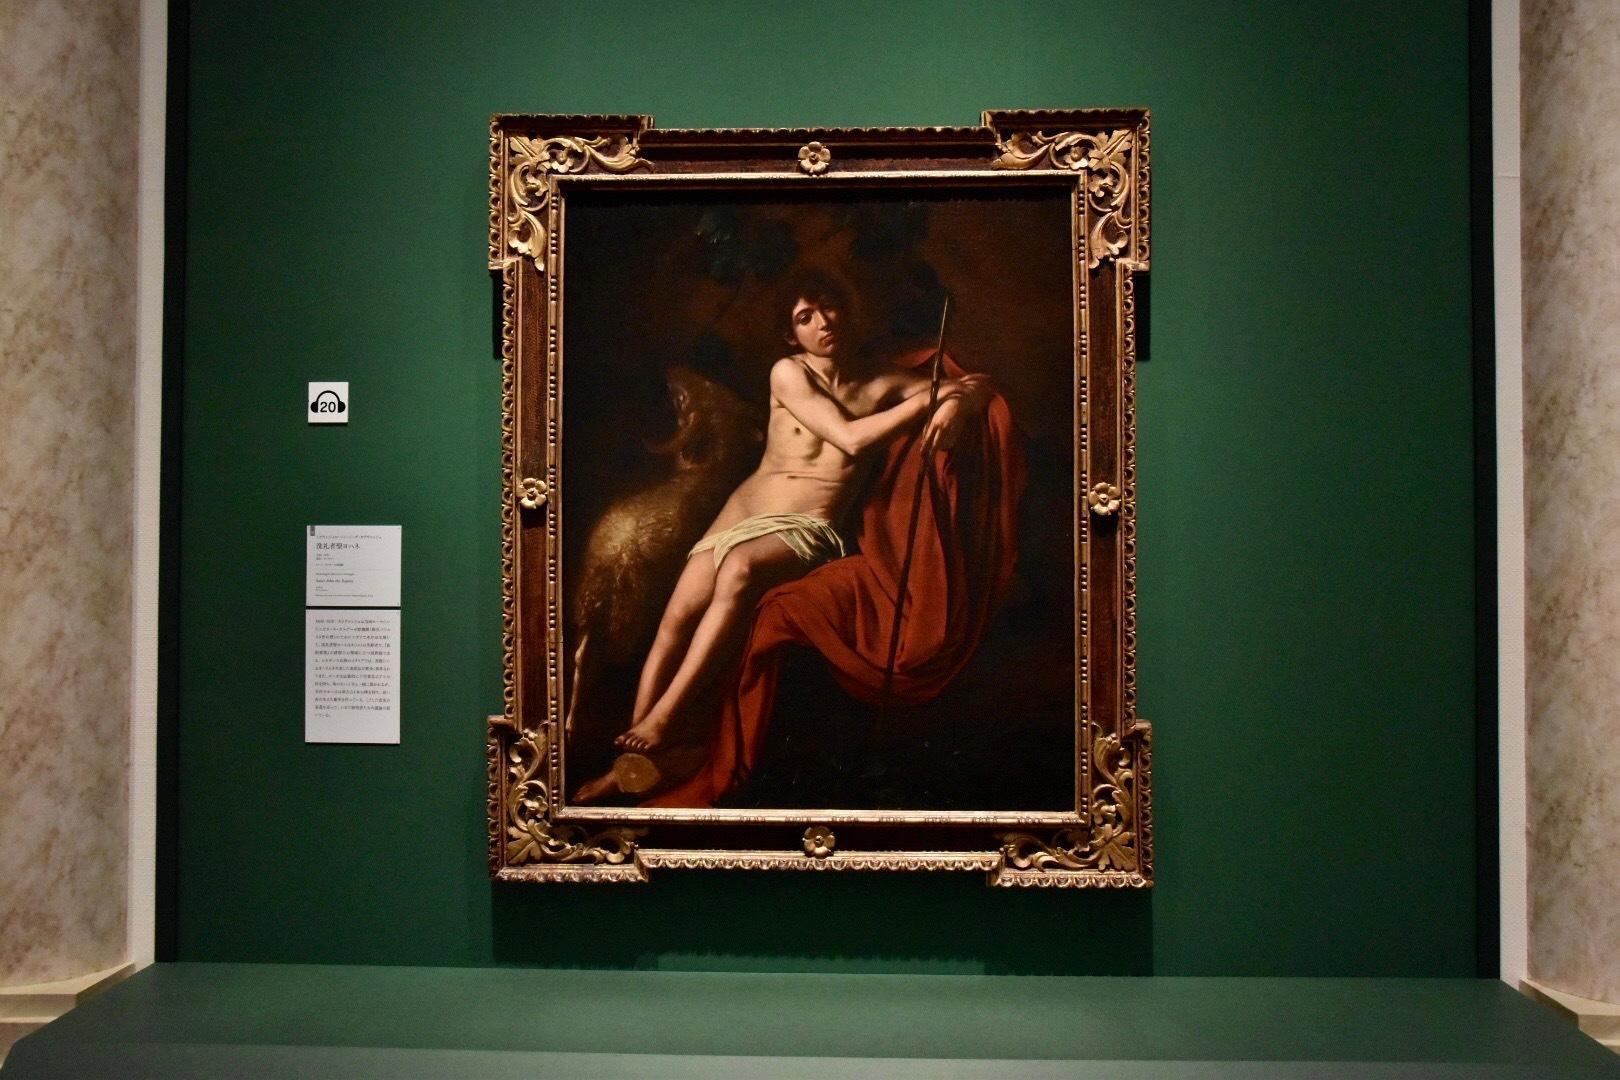 ミケランジェロ・メリージ・ダ・カラヴァッジョ《洗礼者聖ヨハネ》1609-10年(ボルゲーゼ美術館蔵)